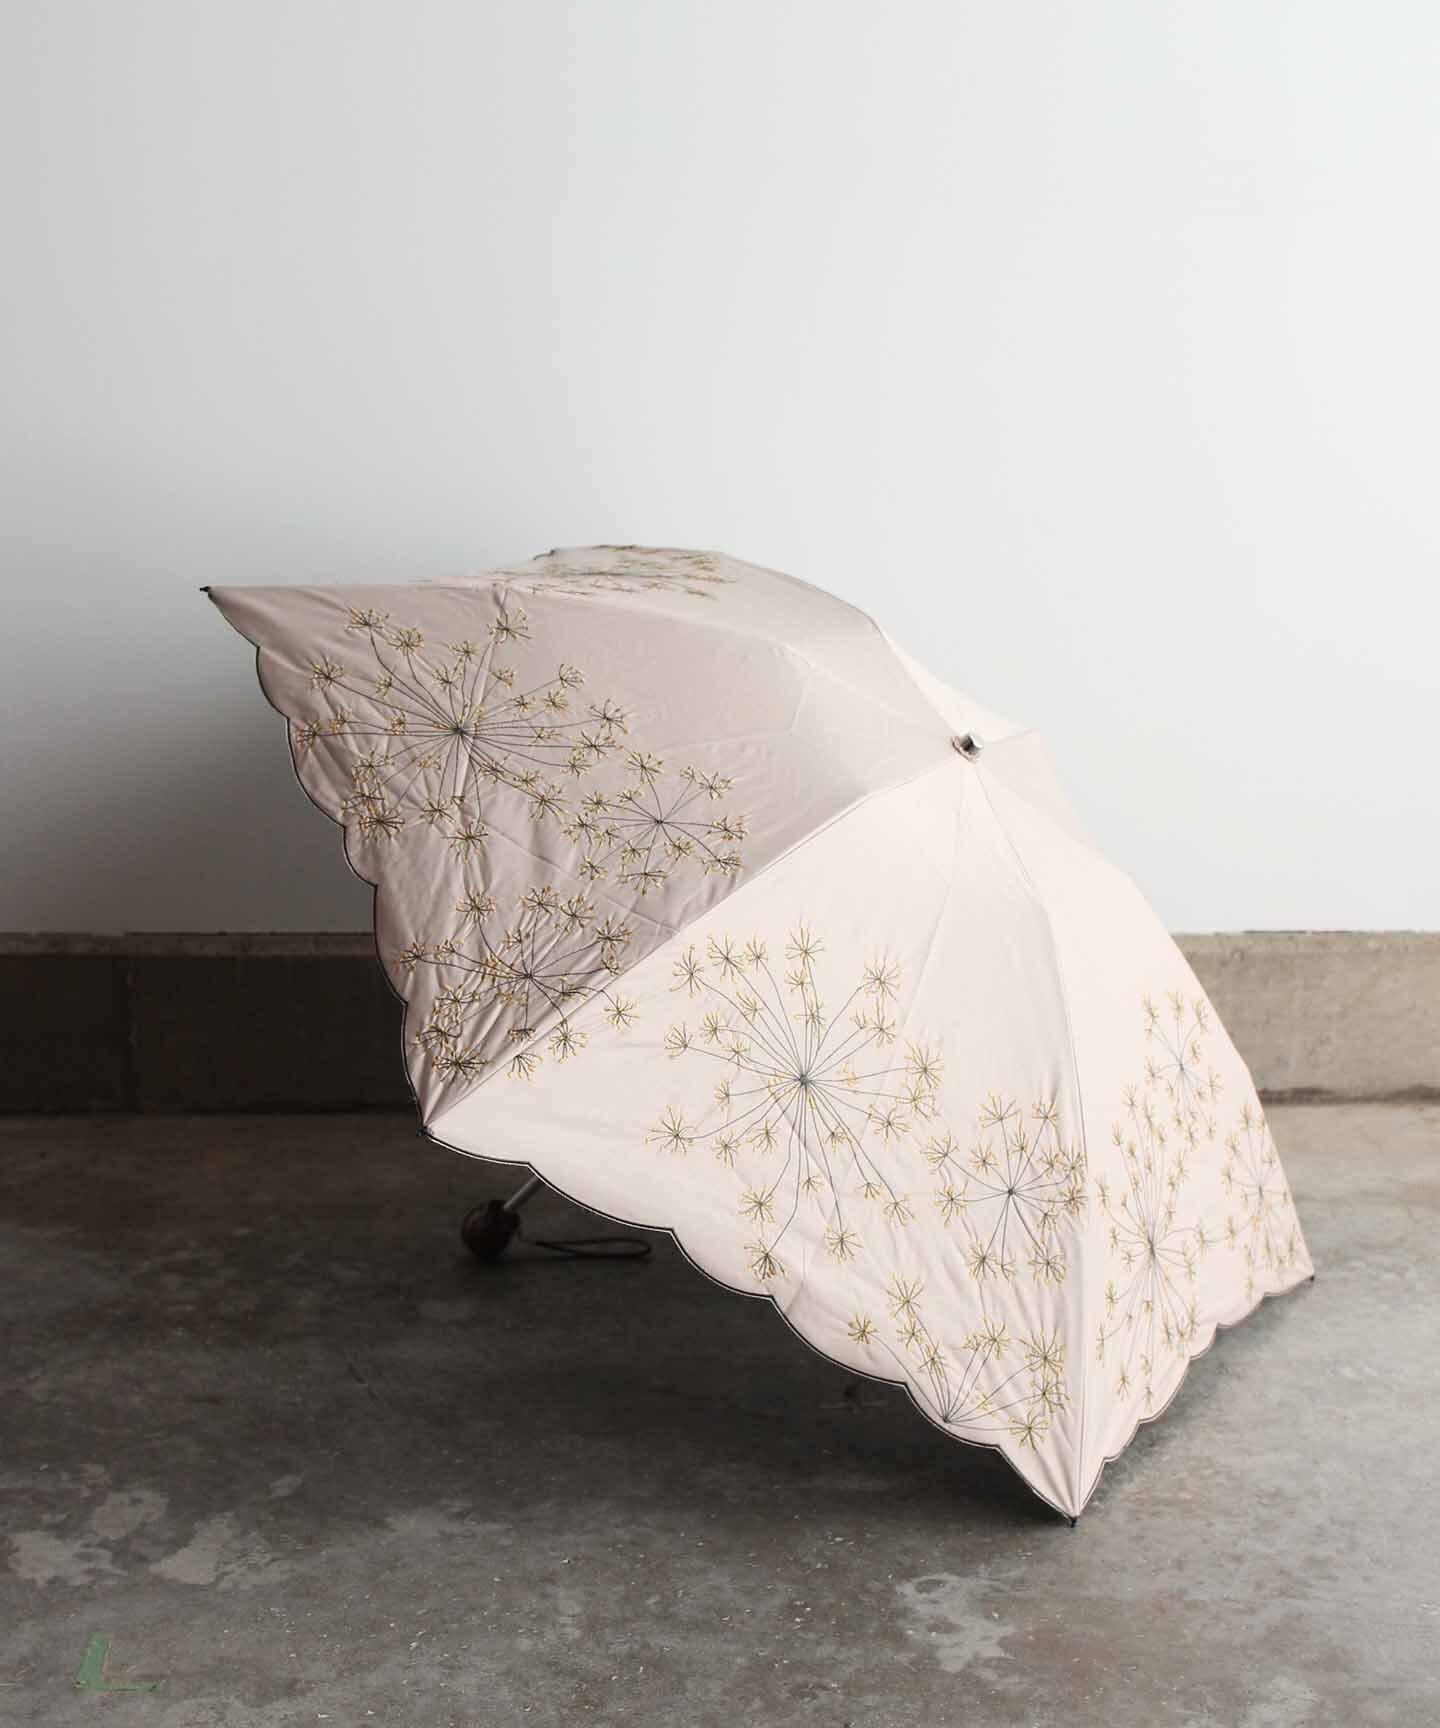 【フェンネル花刺繍】雨天兼用日傘 (折りたたみ)ベージュ